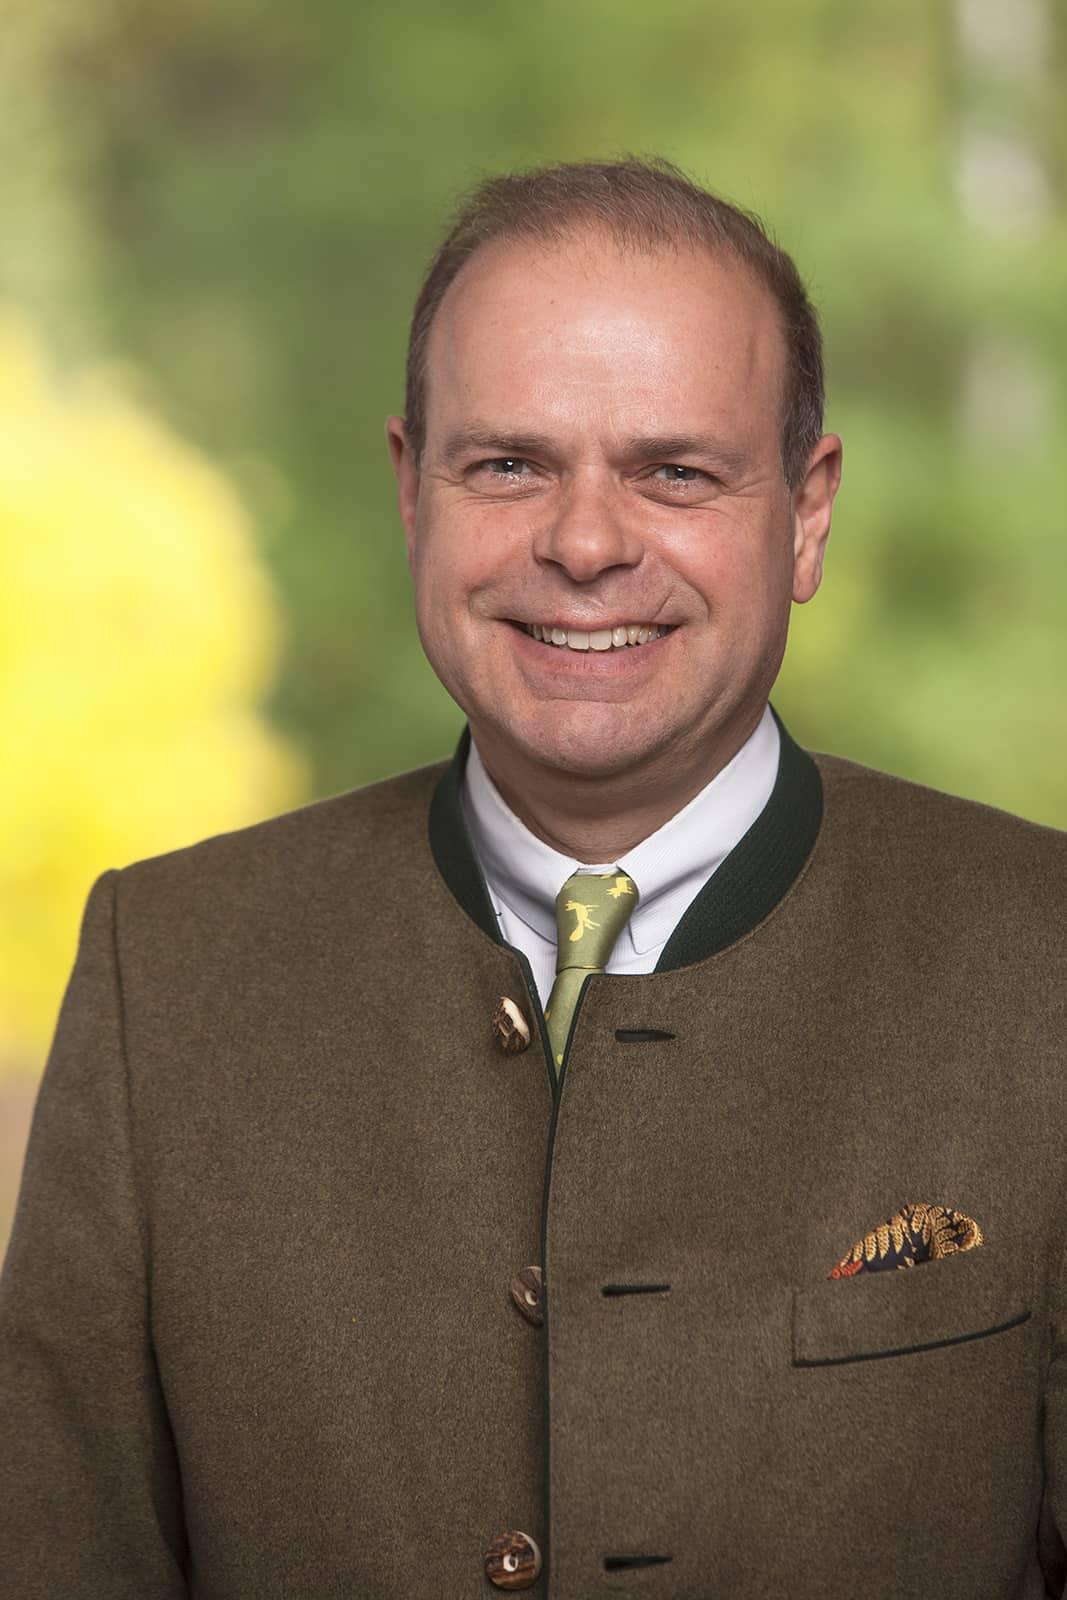 1-Dr.-Clemens-Ritter-von-Kempski